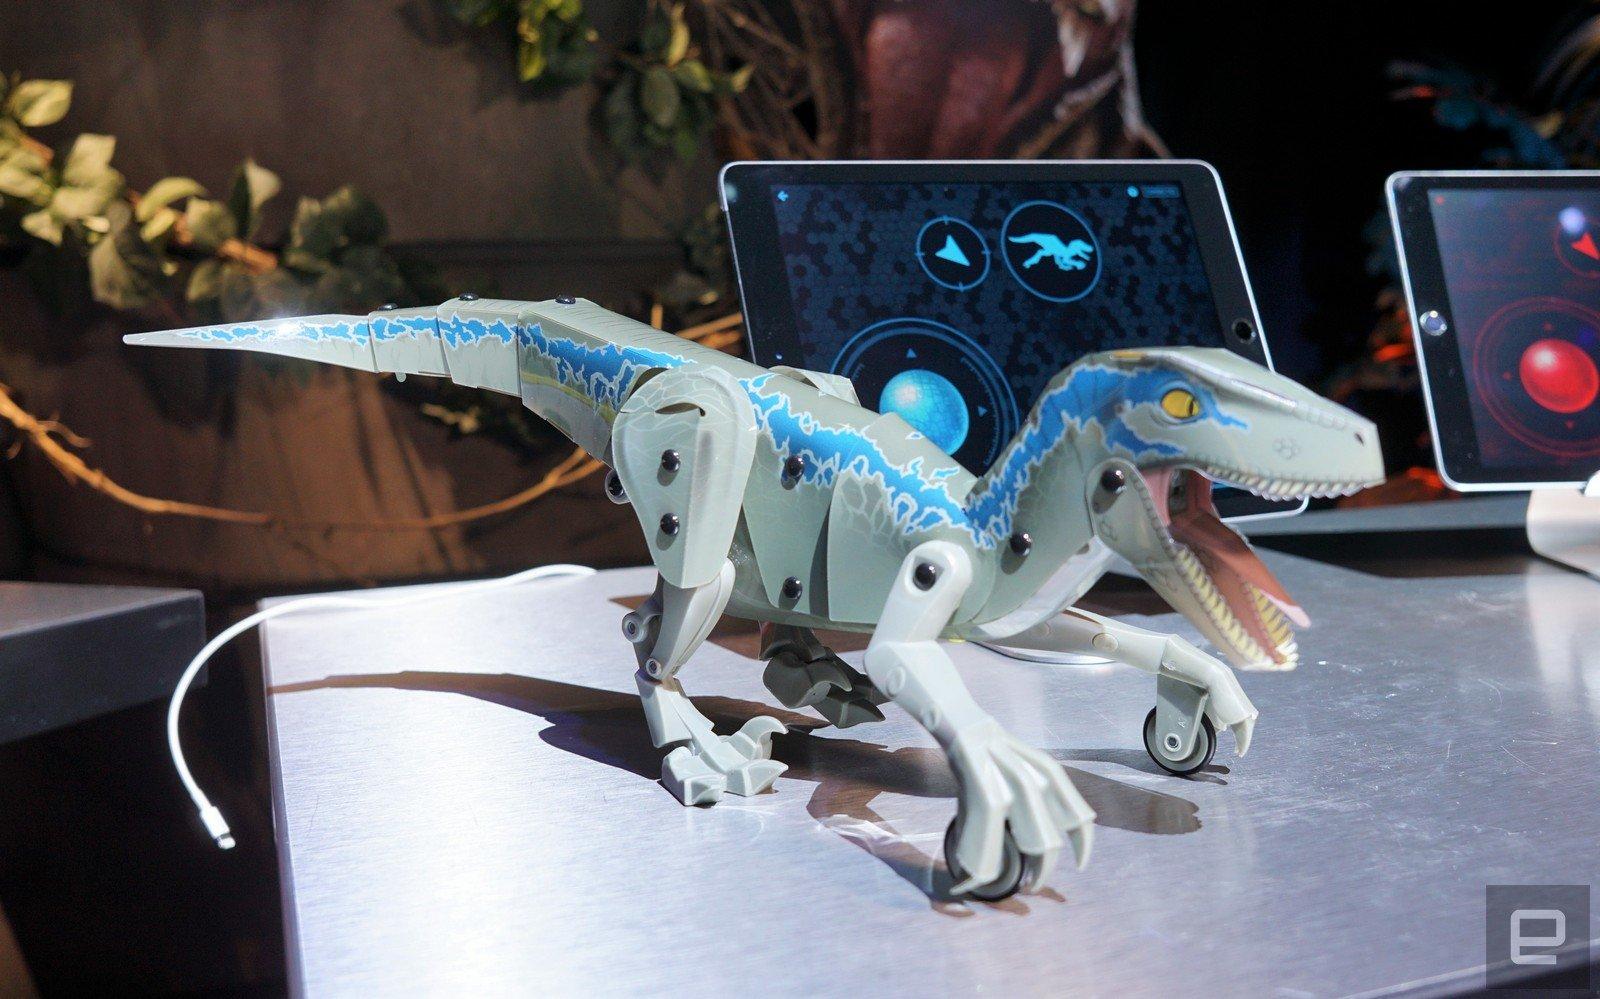 Mattel bringt bald Jurassic Park Roboter und Drohnen